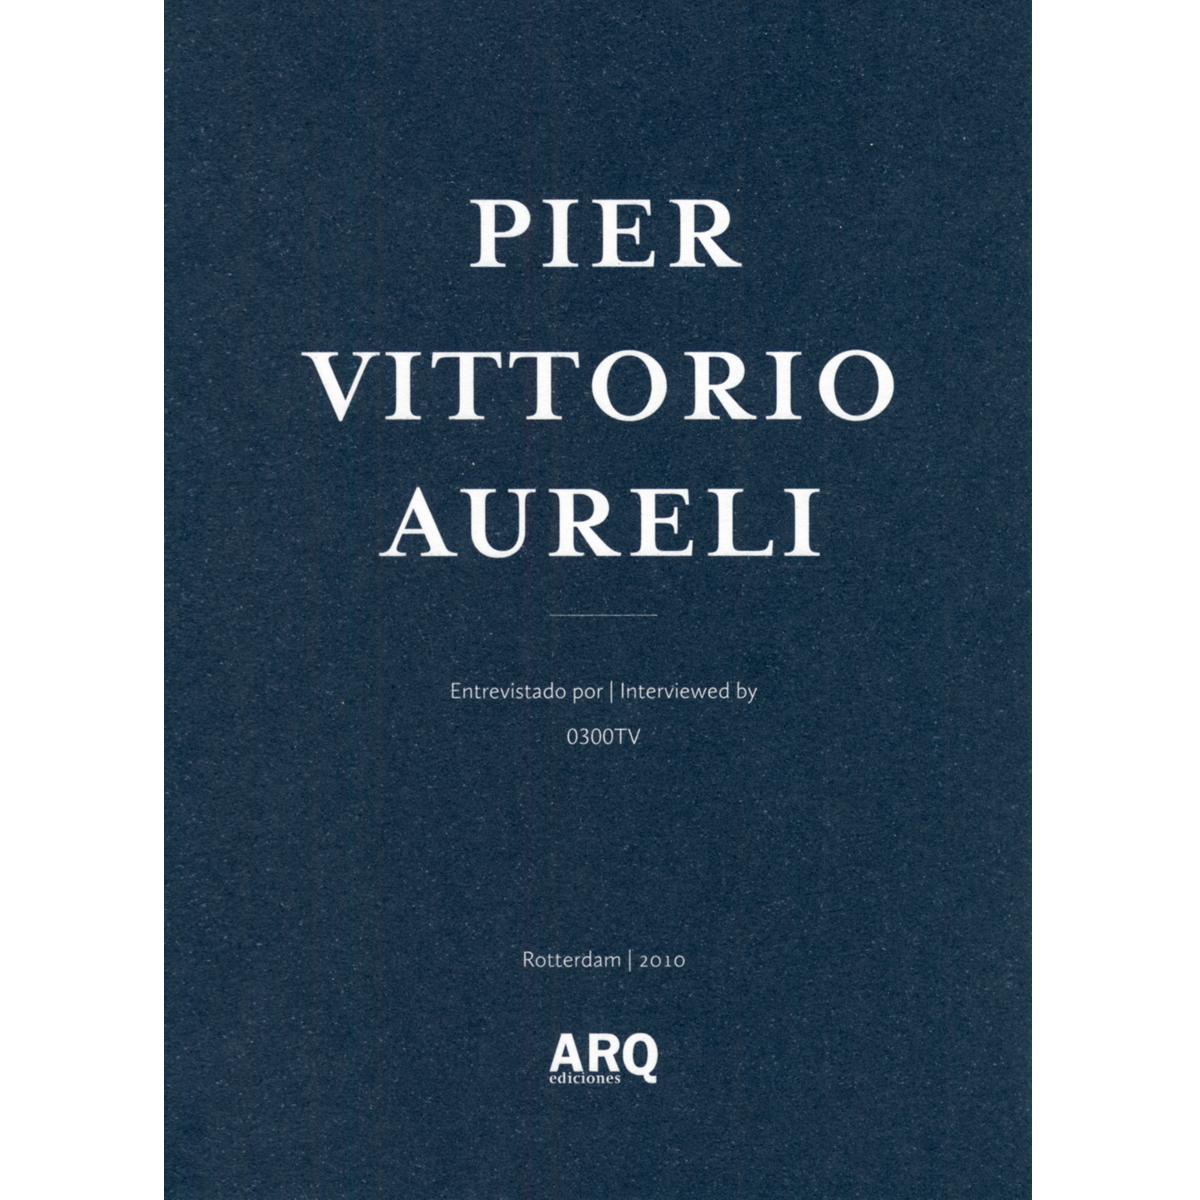 Pier Vittorio Aureli